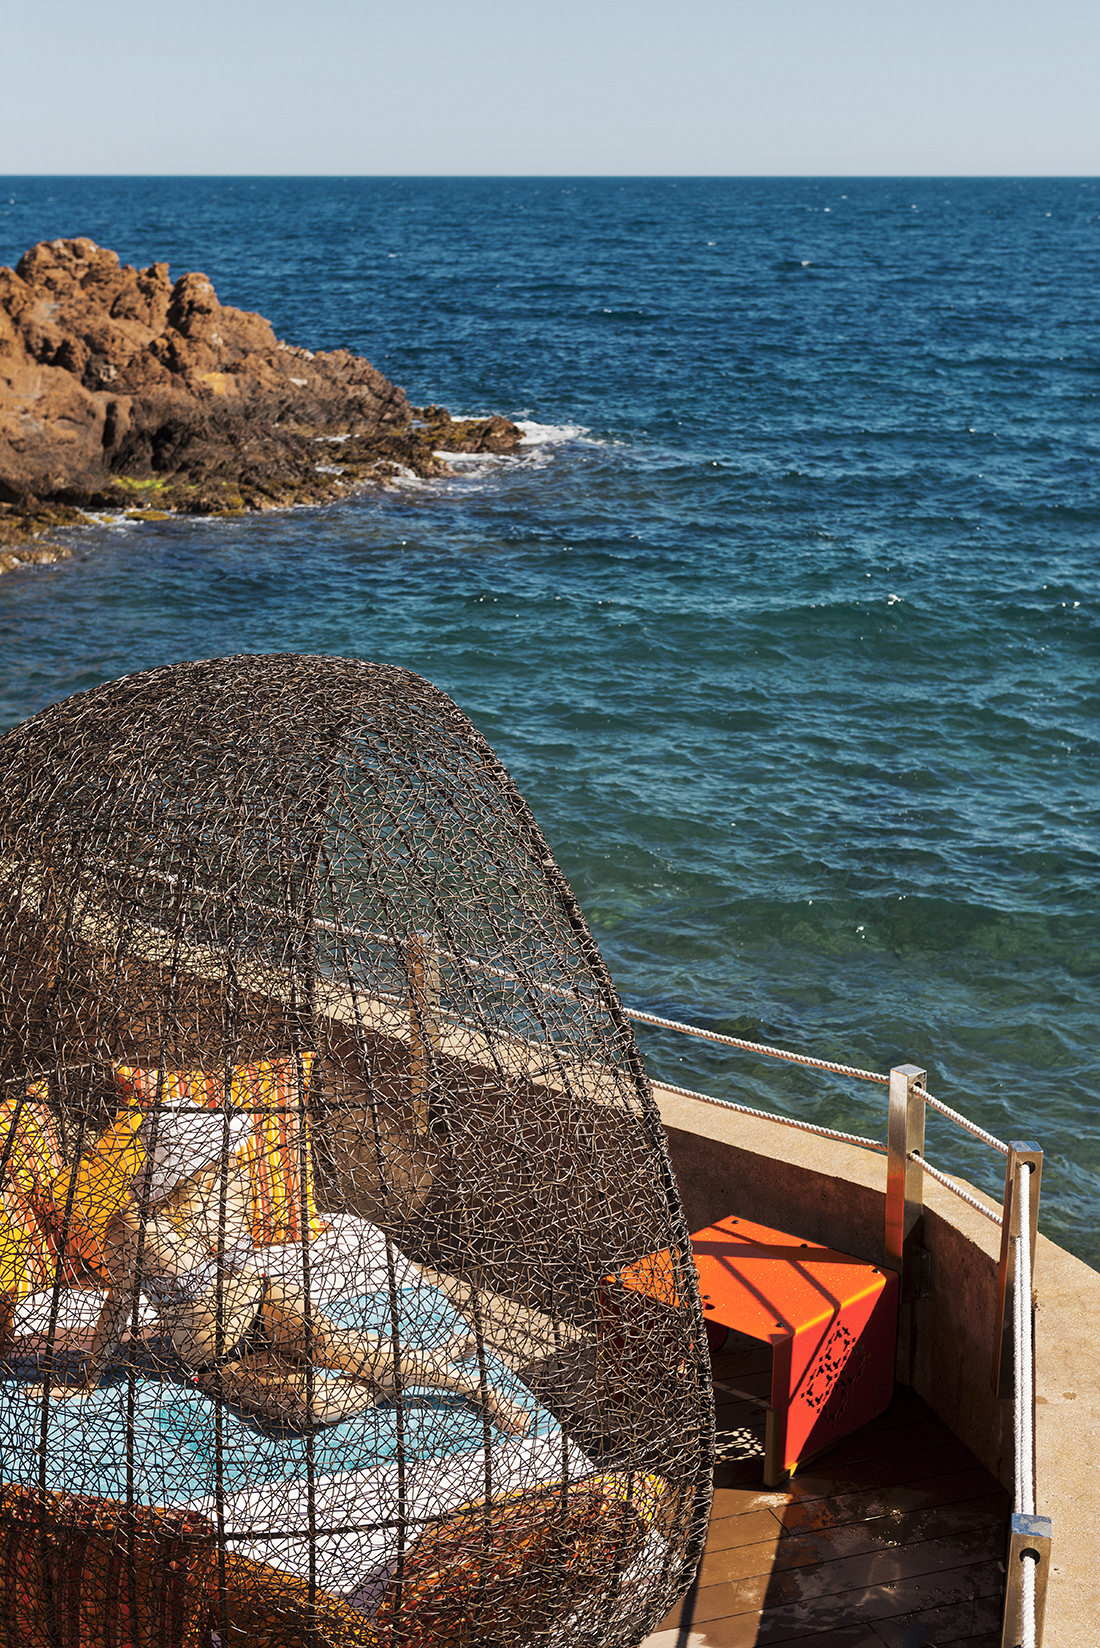 The Tiara Miramar Beach Hotel Amp Spa A Mediterranean Idyl